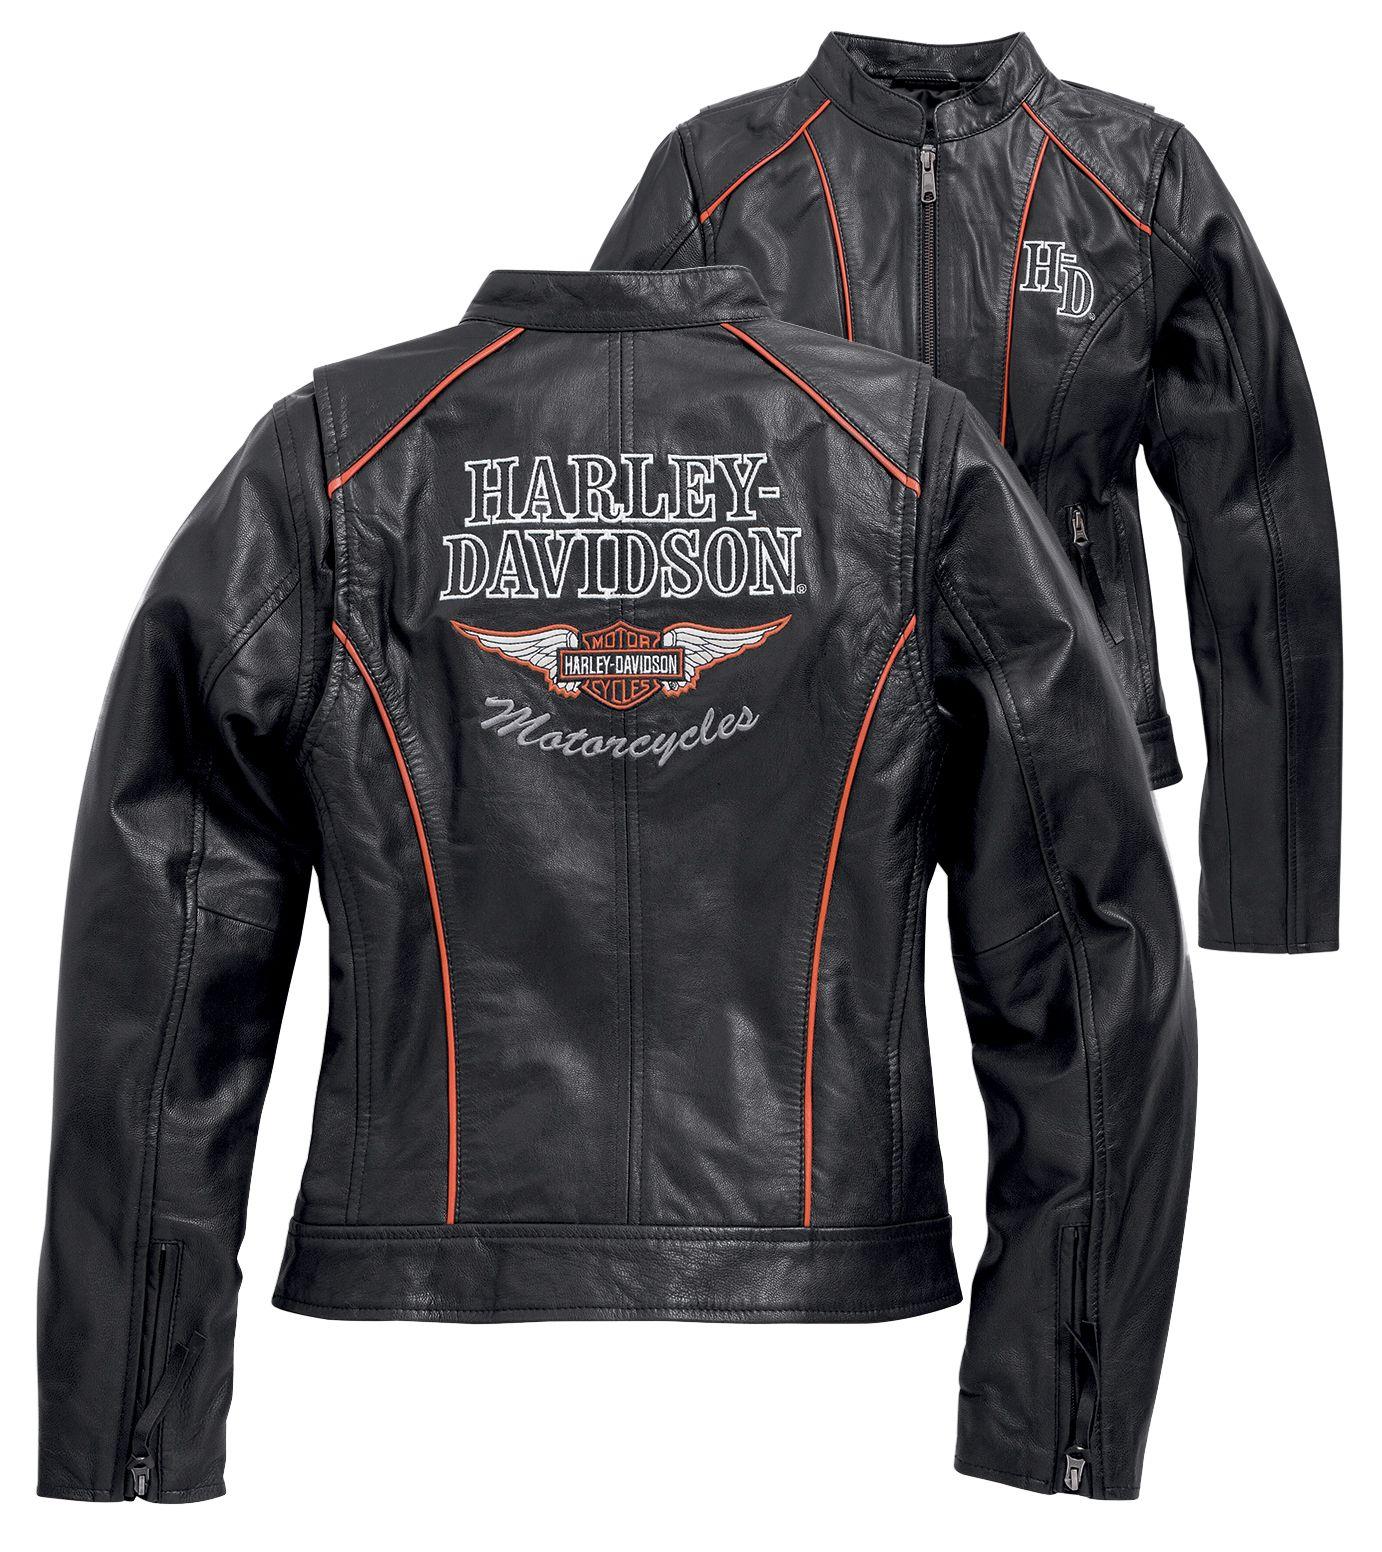 Harley Davidson Lederjacke Victory Lane: : Bekleidung